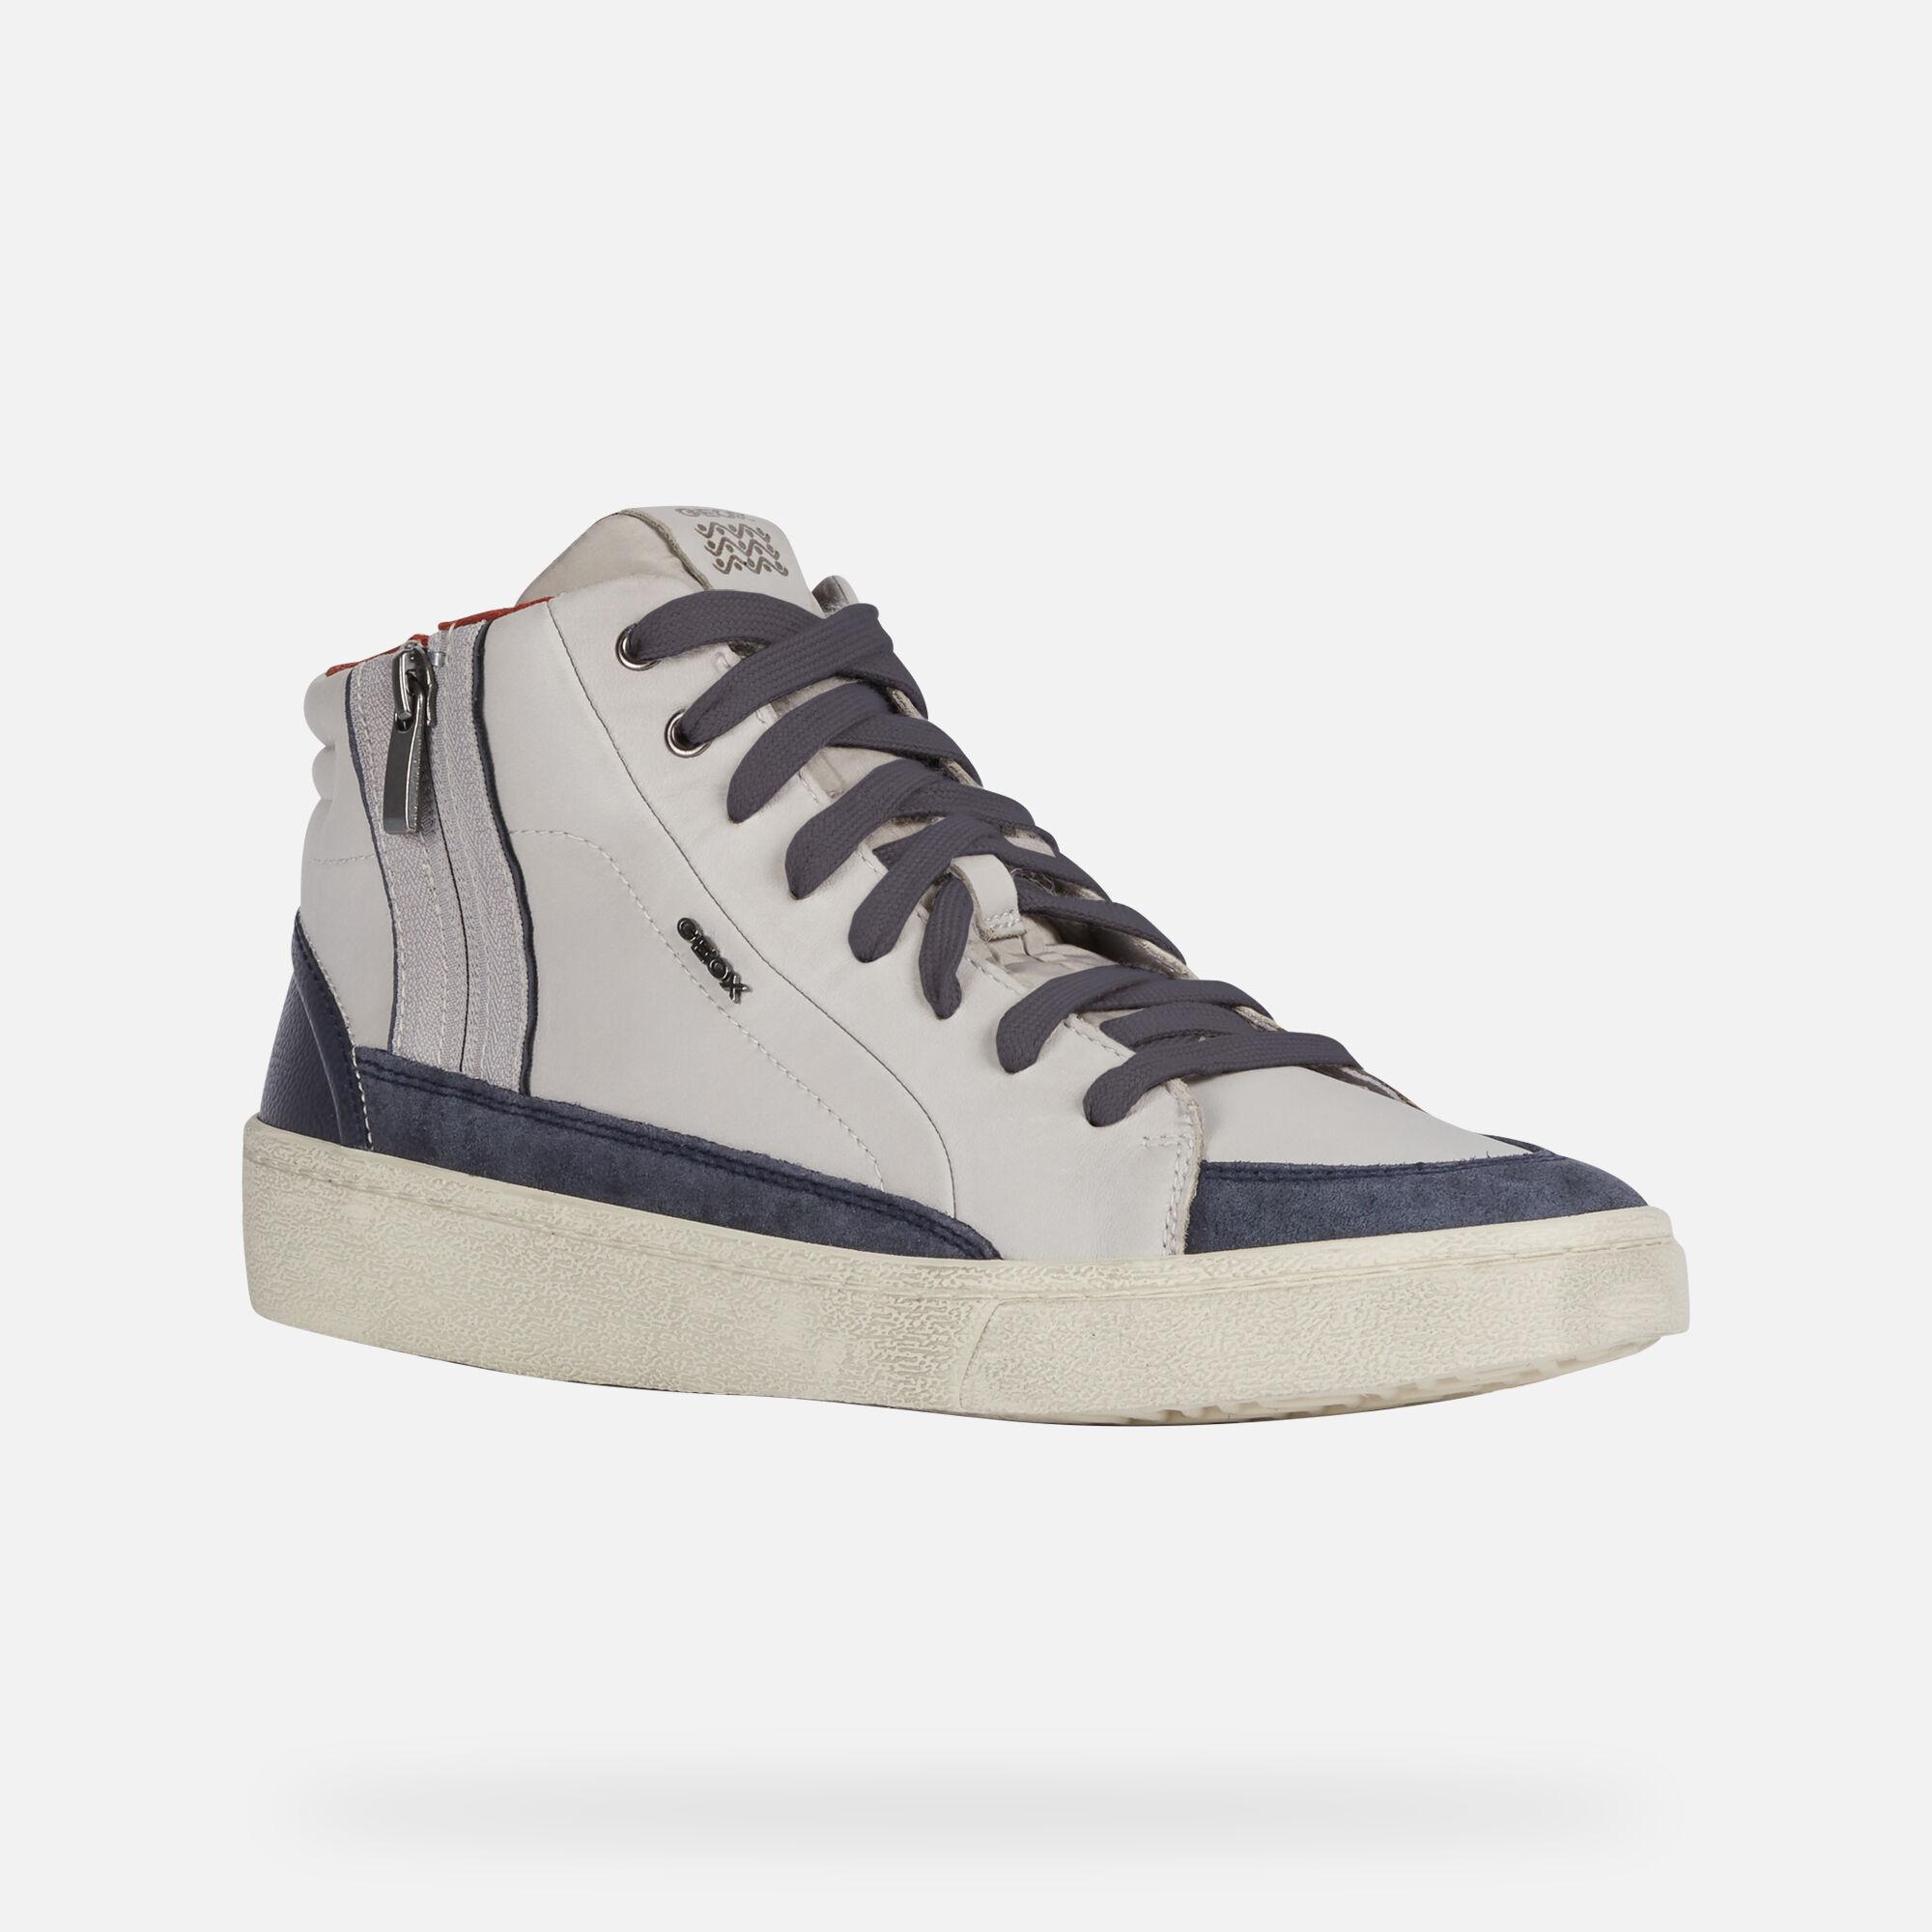 Geox WARLEY Man: Boulder Sneakers   Geox FW1920  zu verkaufen